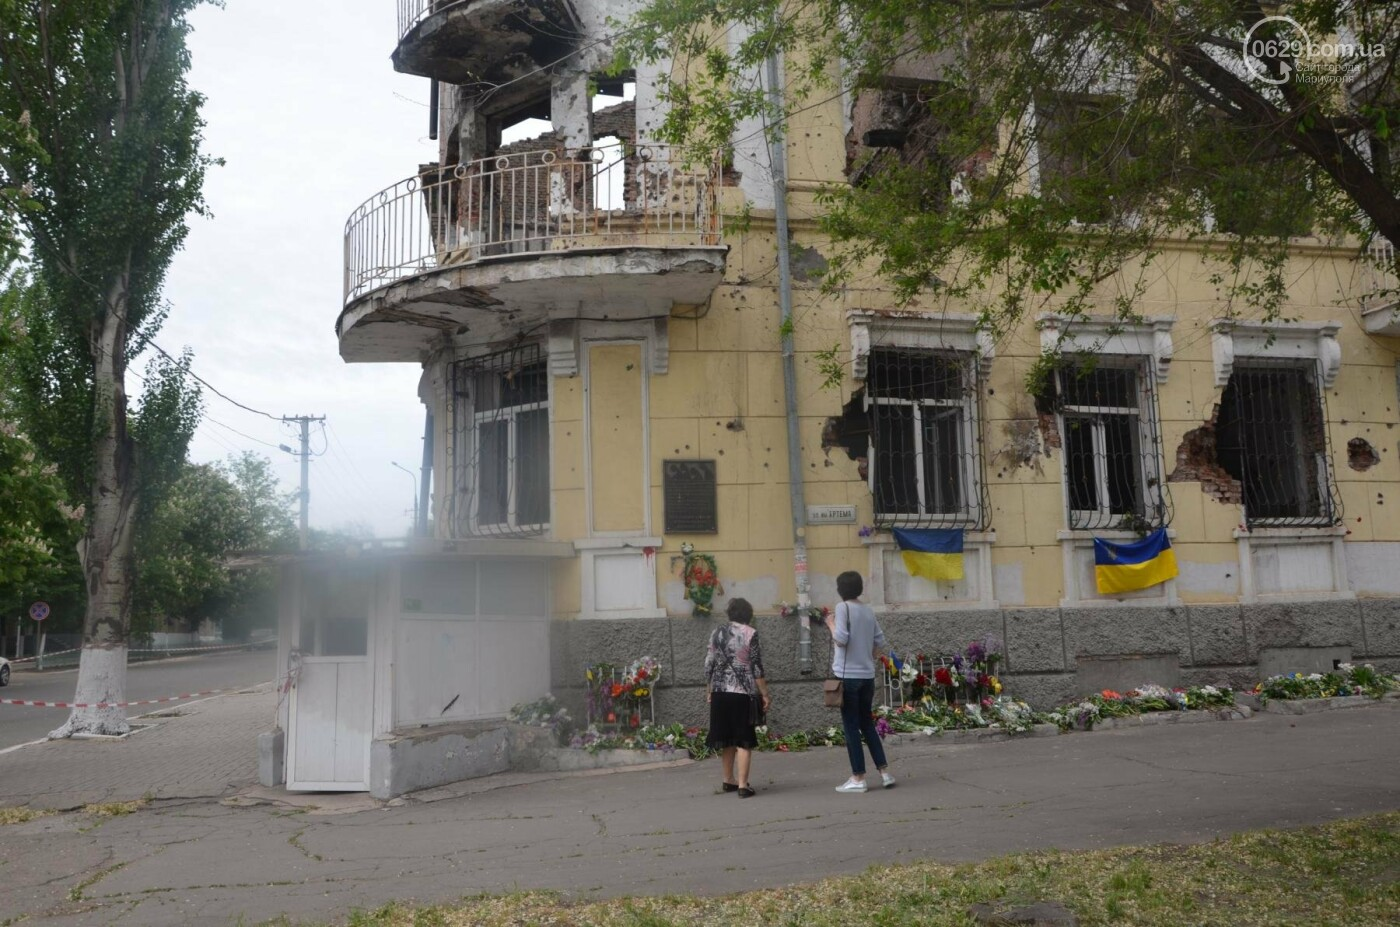 """""""Попалили людей, а теперь флаги вешаете!"""" Мариупольцы несут цветы к сгоревшему ГУВД, - ФОТОРЕПОРТАЖ+ВИДЕО, фото-24"""